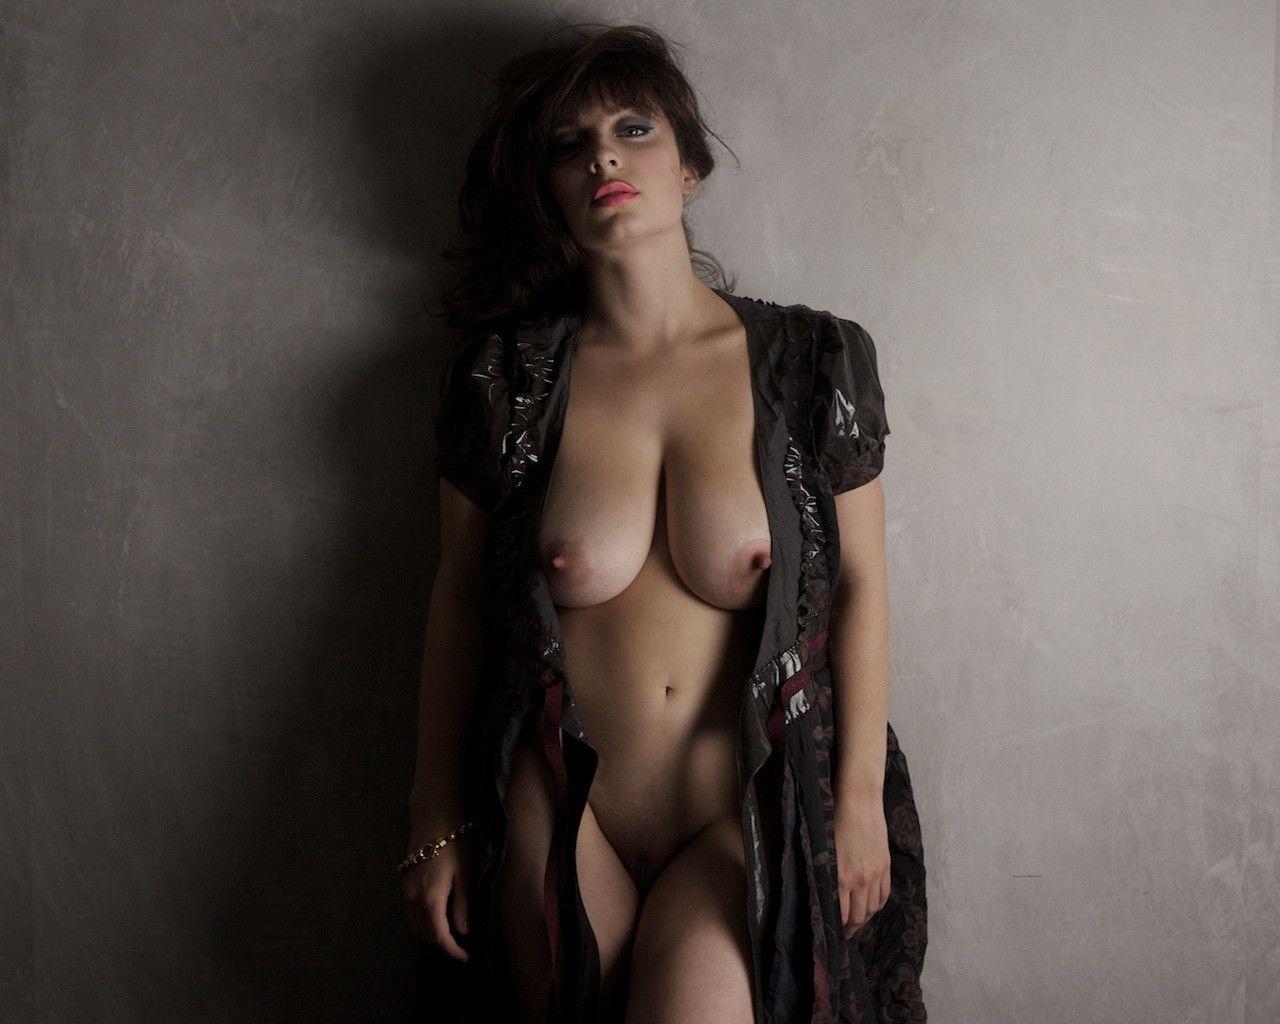 Фото женщин бальзаковского возраста голые фото, Фото голых зрелых женщин бальзаковского возраста 1 фотография